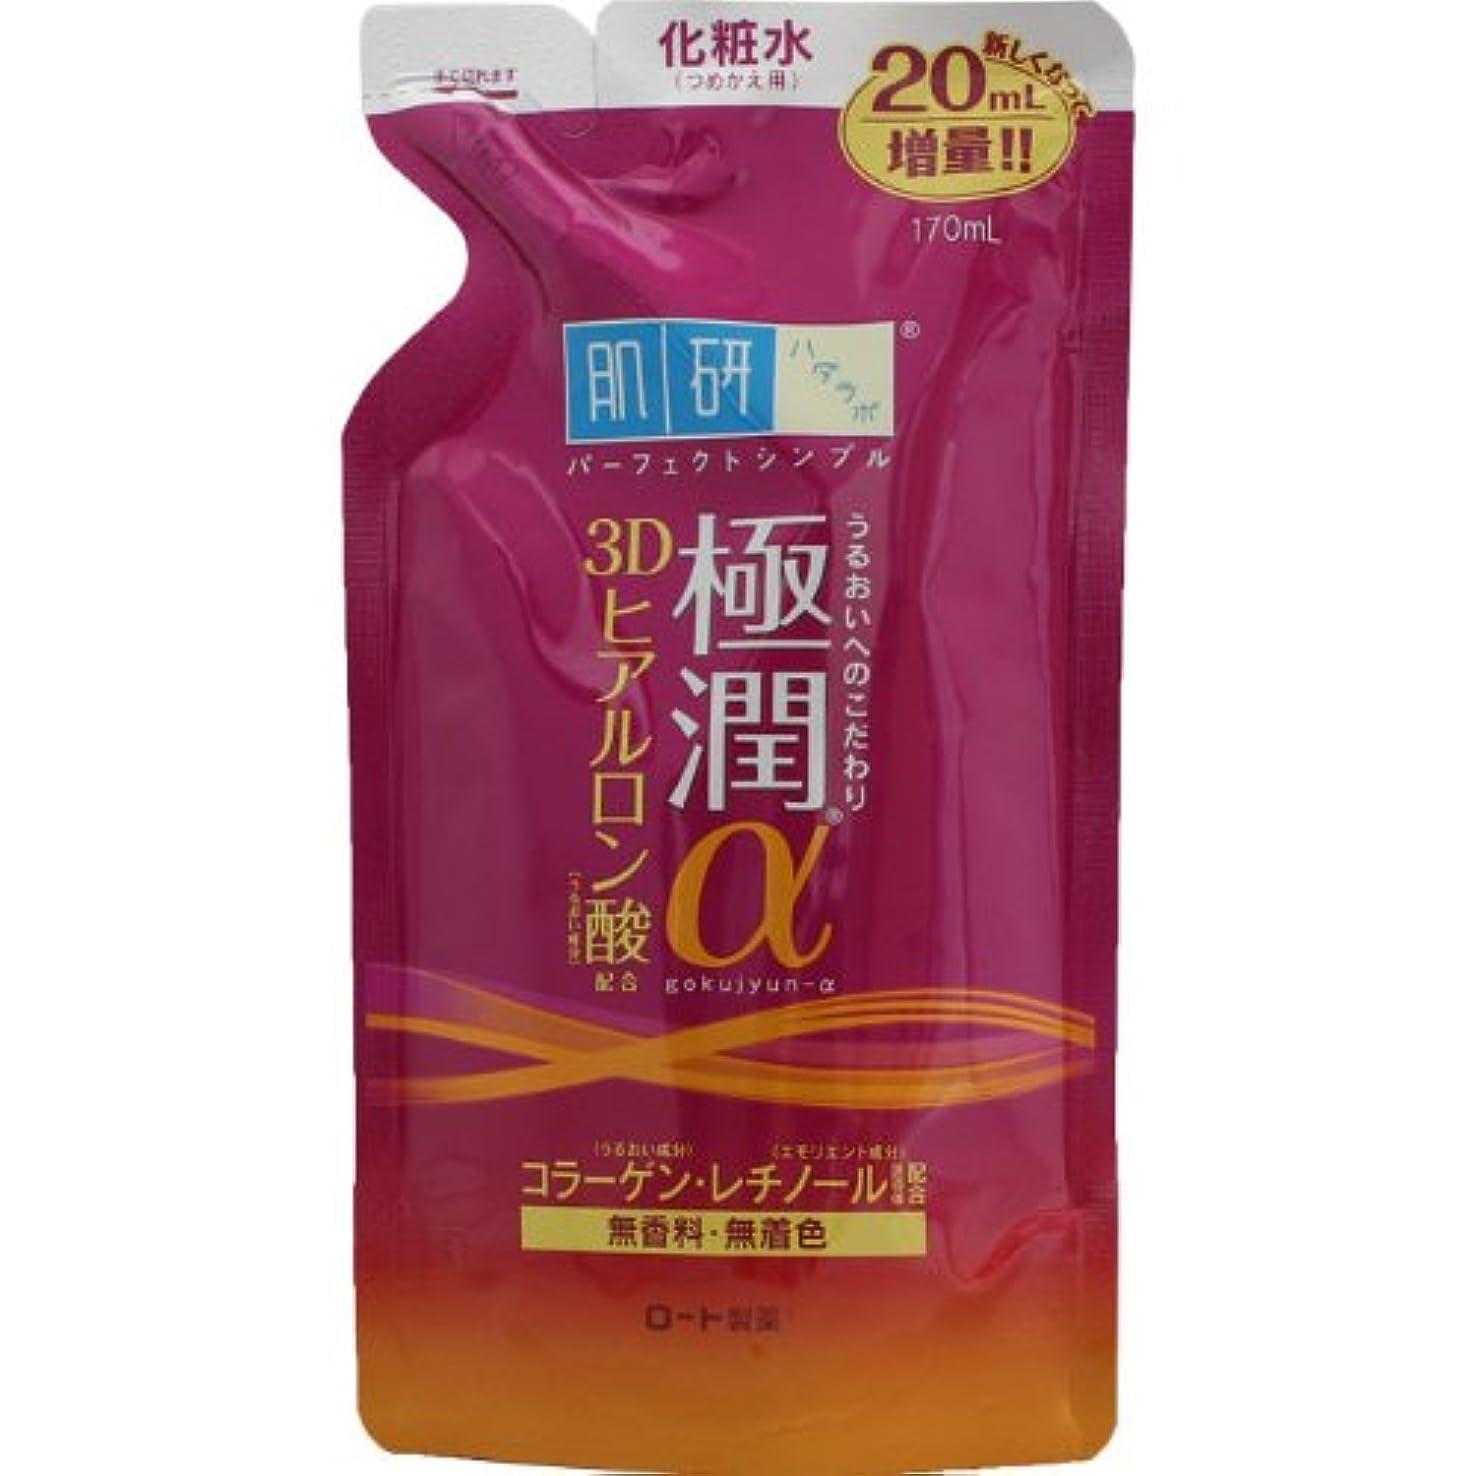 吸収腐った奇跡肌研(ハダラボ) 極潤 α化粧水 (つめかえ用) 170mL